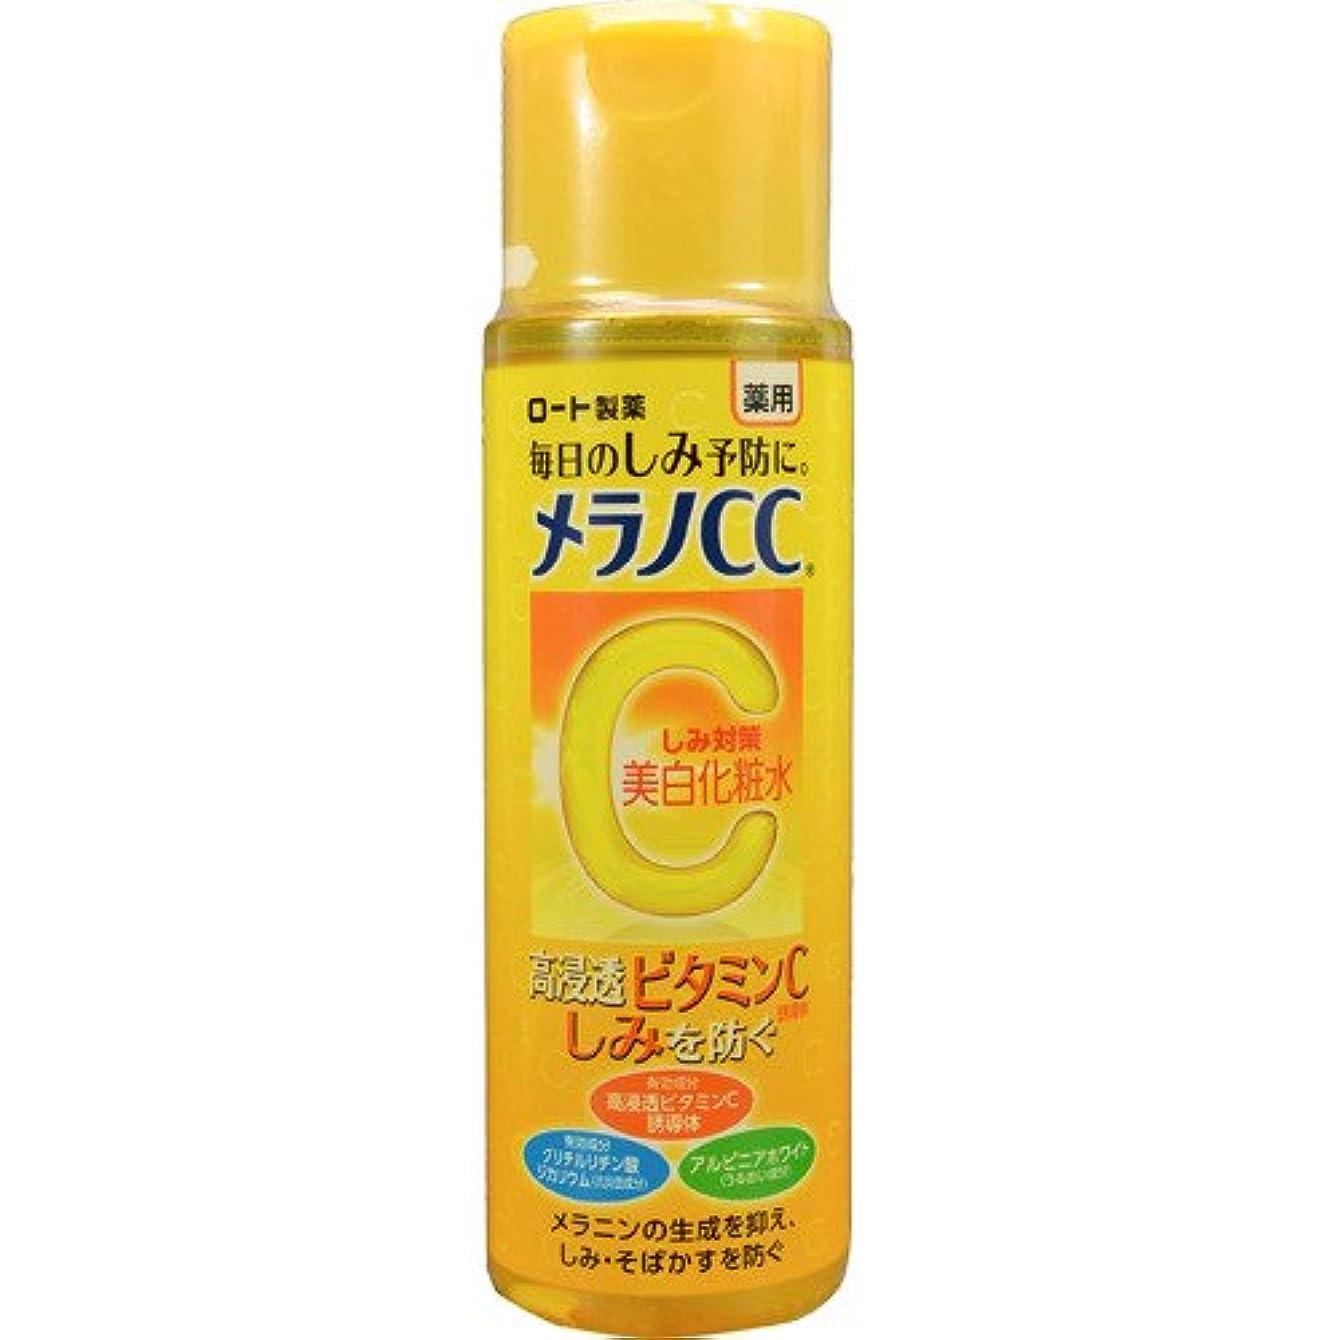 マスクロック解除行政メラノCC 薬用しみ対策美白化粧水 × 3個セット